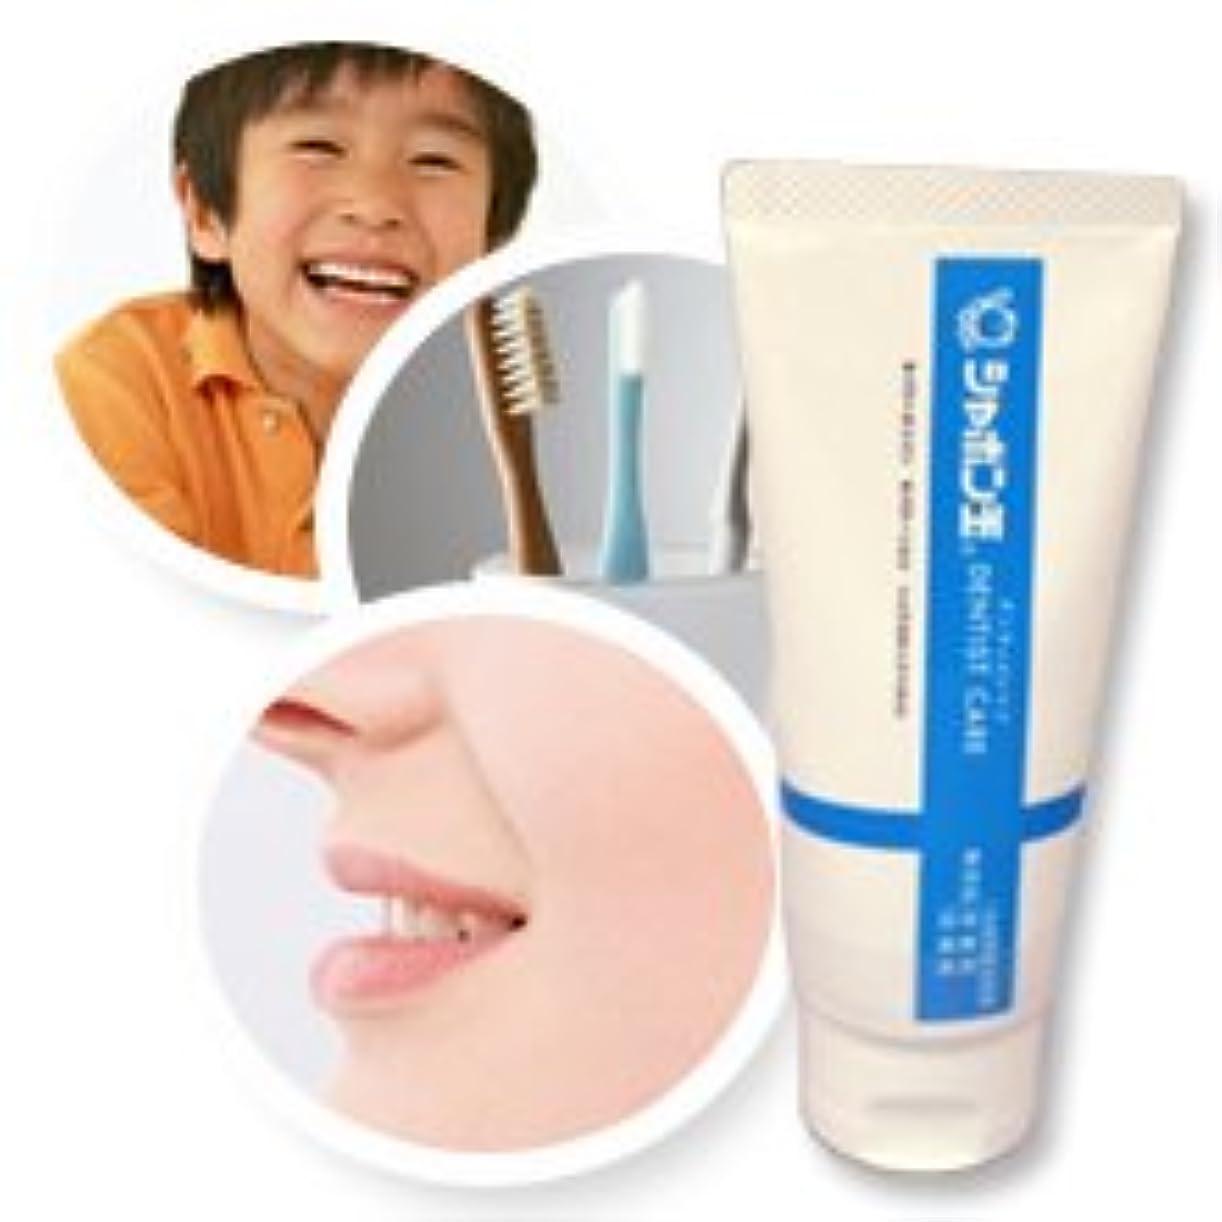 フォーム着実に乱闘歯科医が開発した歯周病や口臭?虫歯が気になる方へ【歯磨き粉】【シャボン玉デンティストケア】